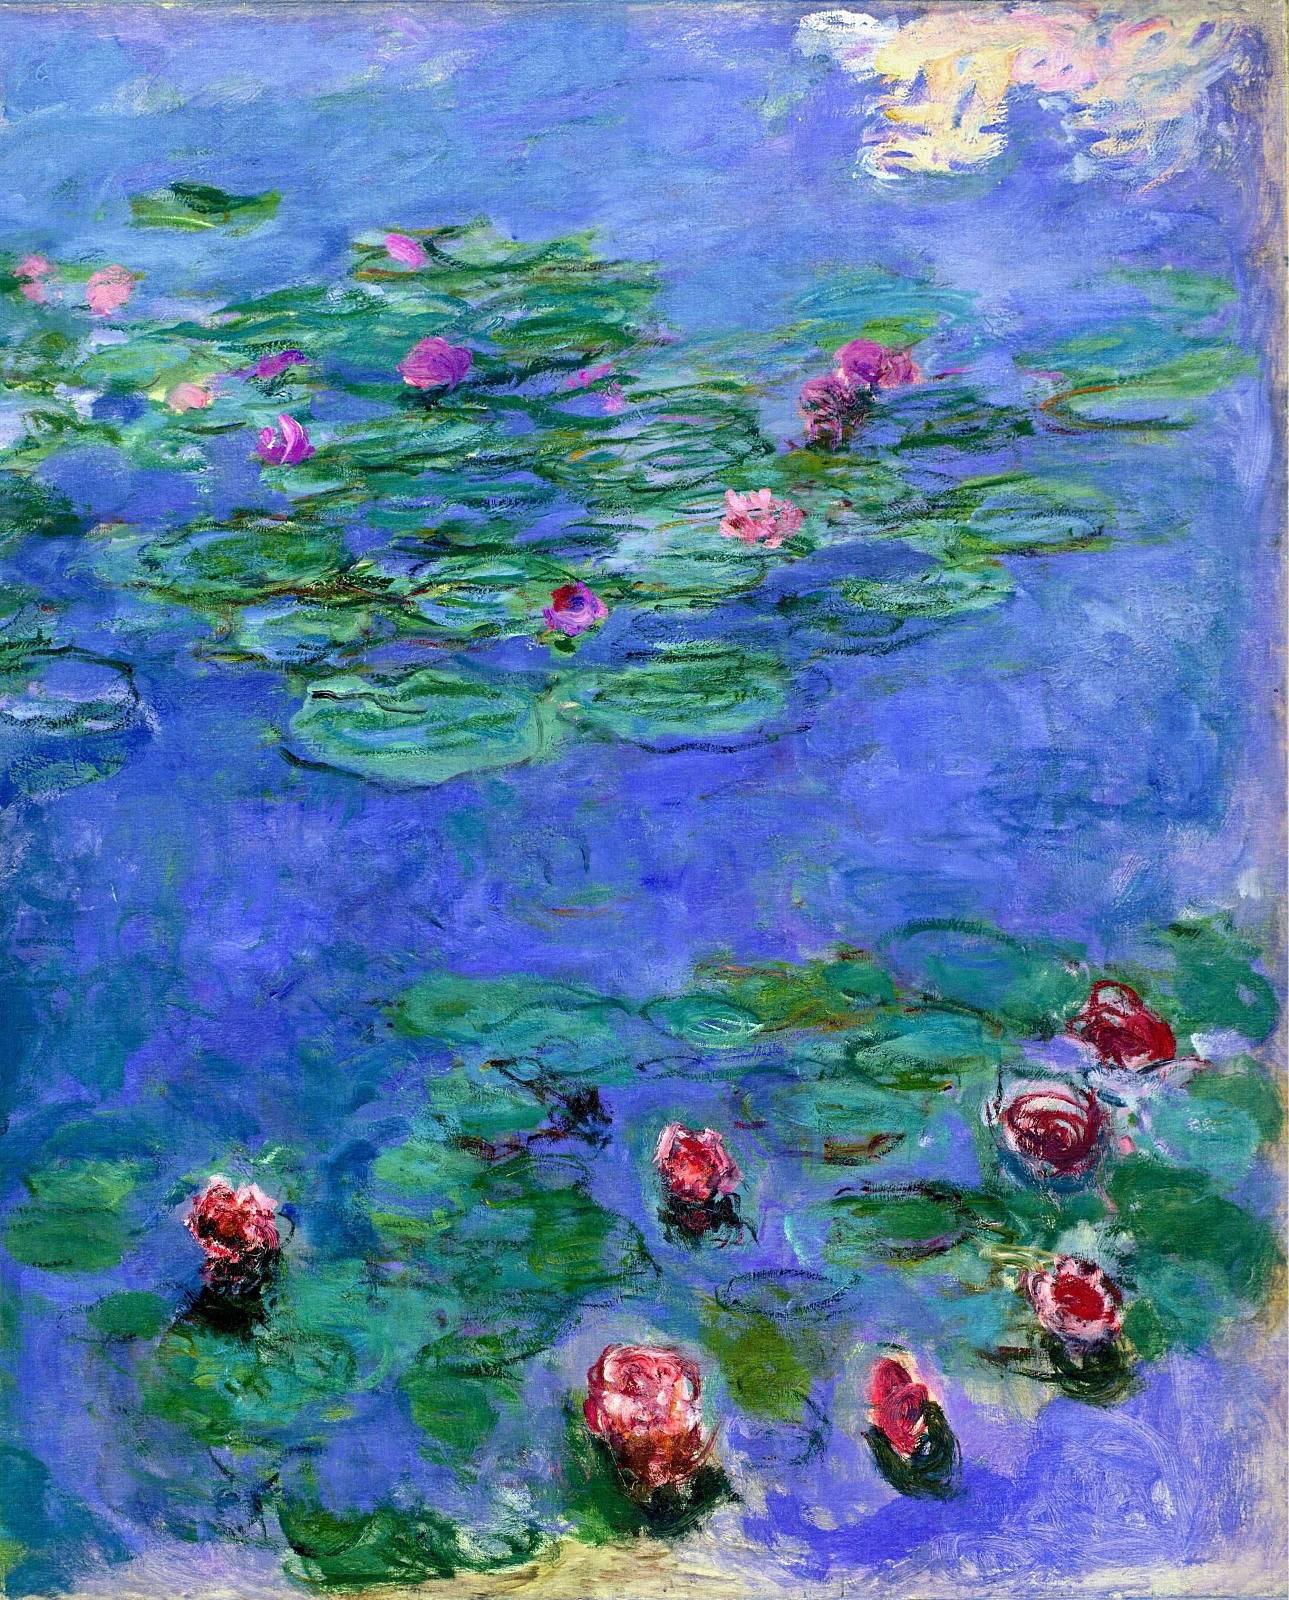 1289x1600 Monet Water Lilies hình nền